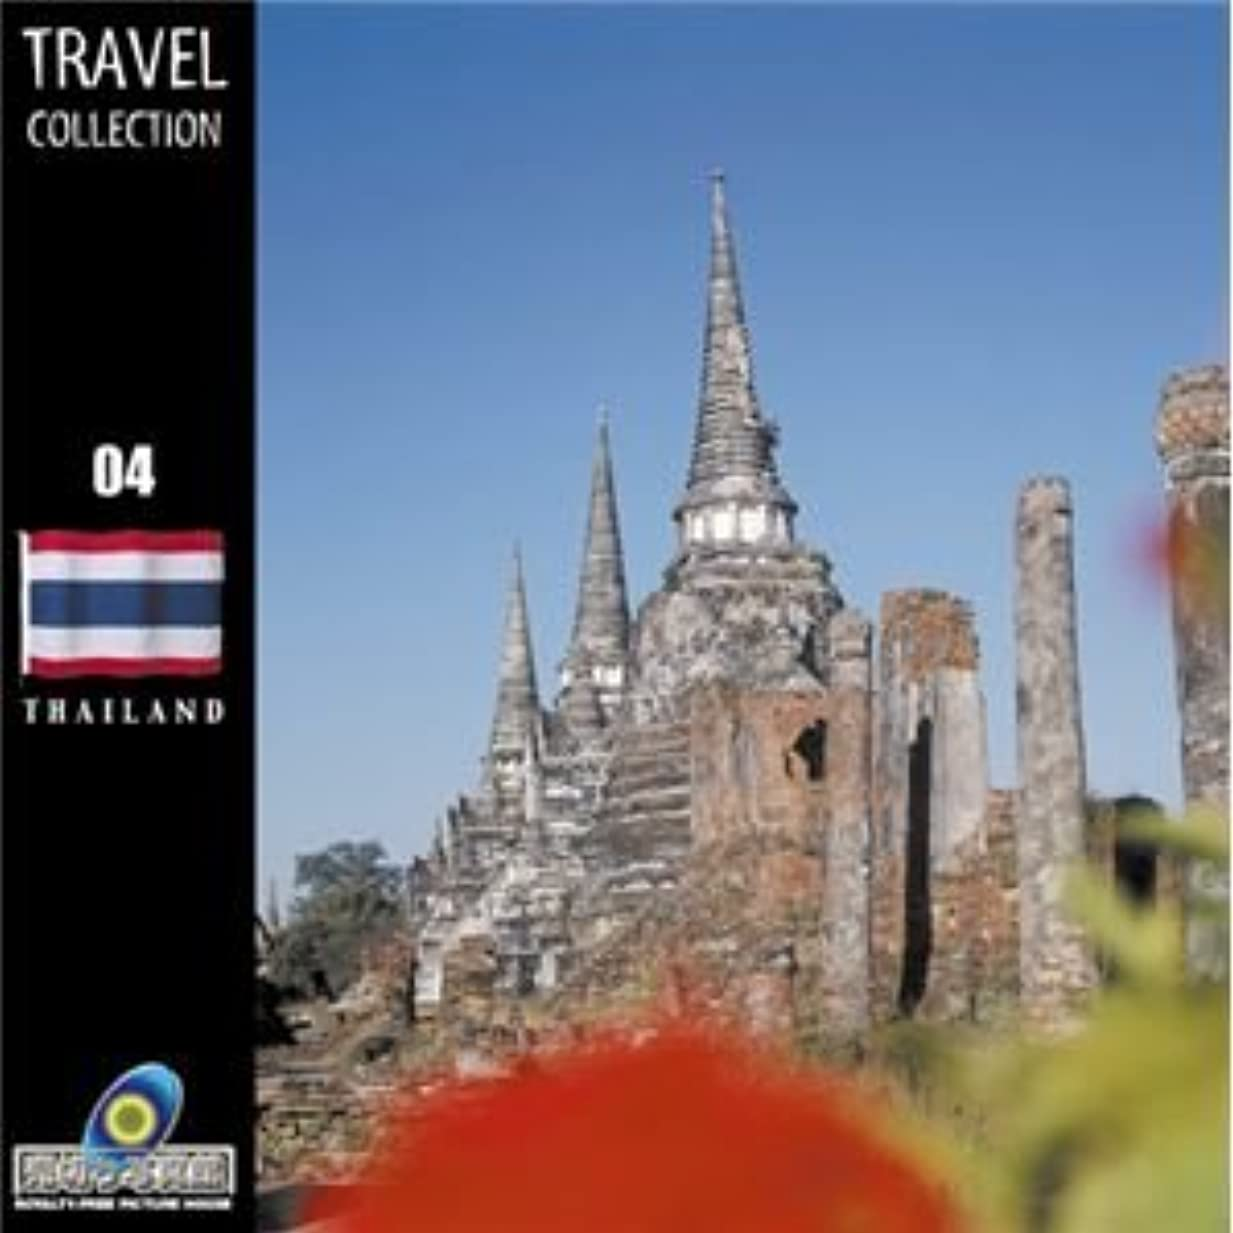 けがをするメドレー首相写真素材 Travel Collection Vol.004 タイ Thailand ds-67846